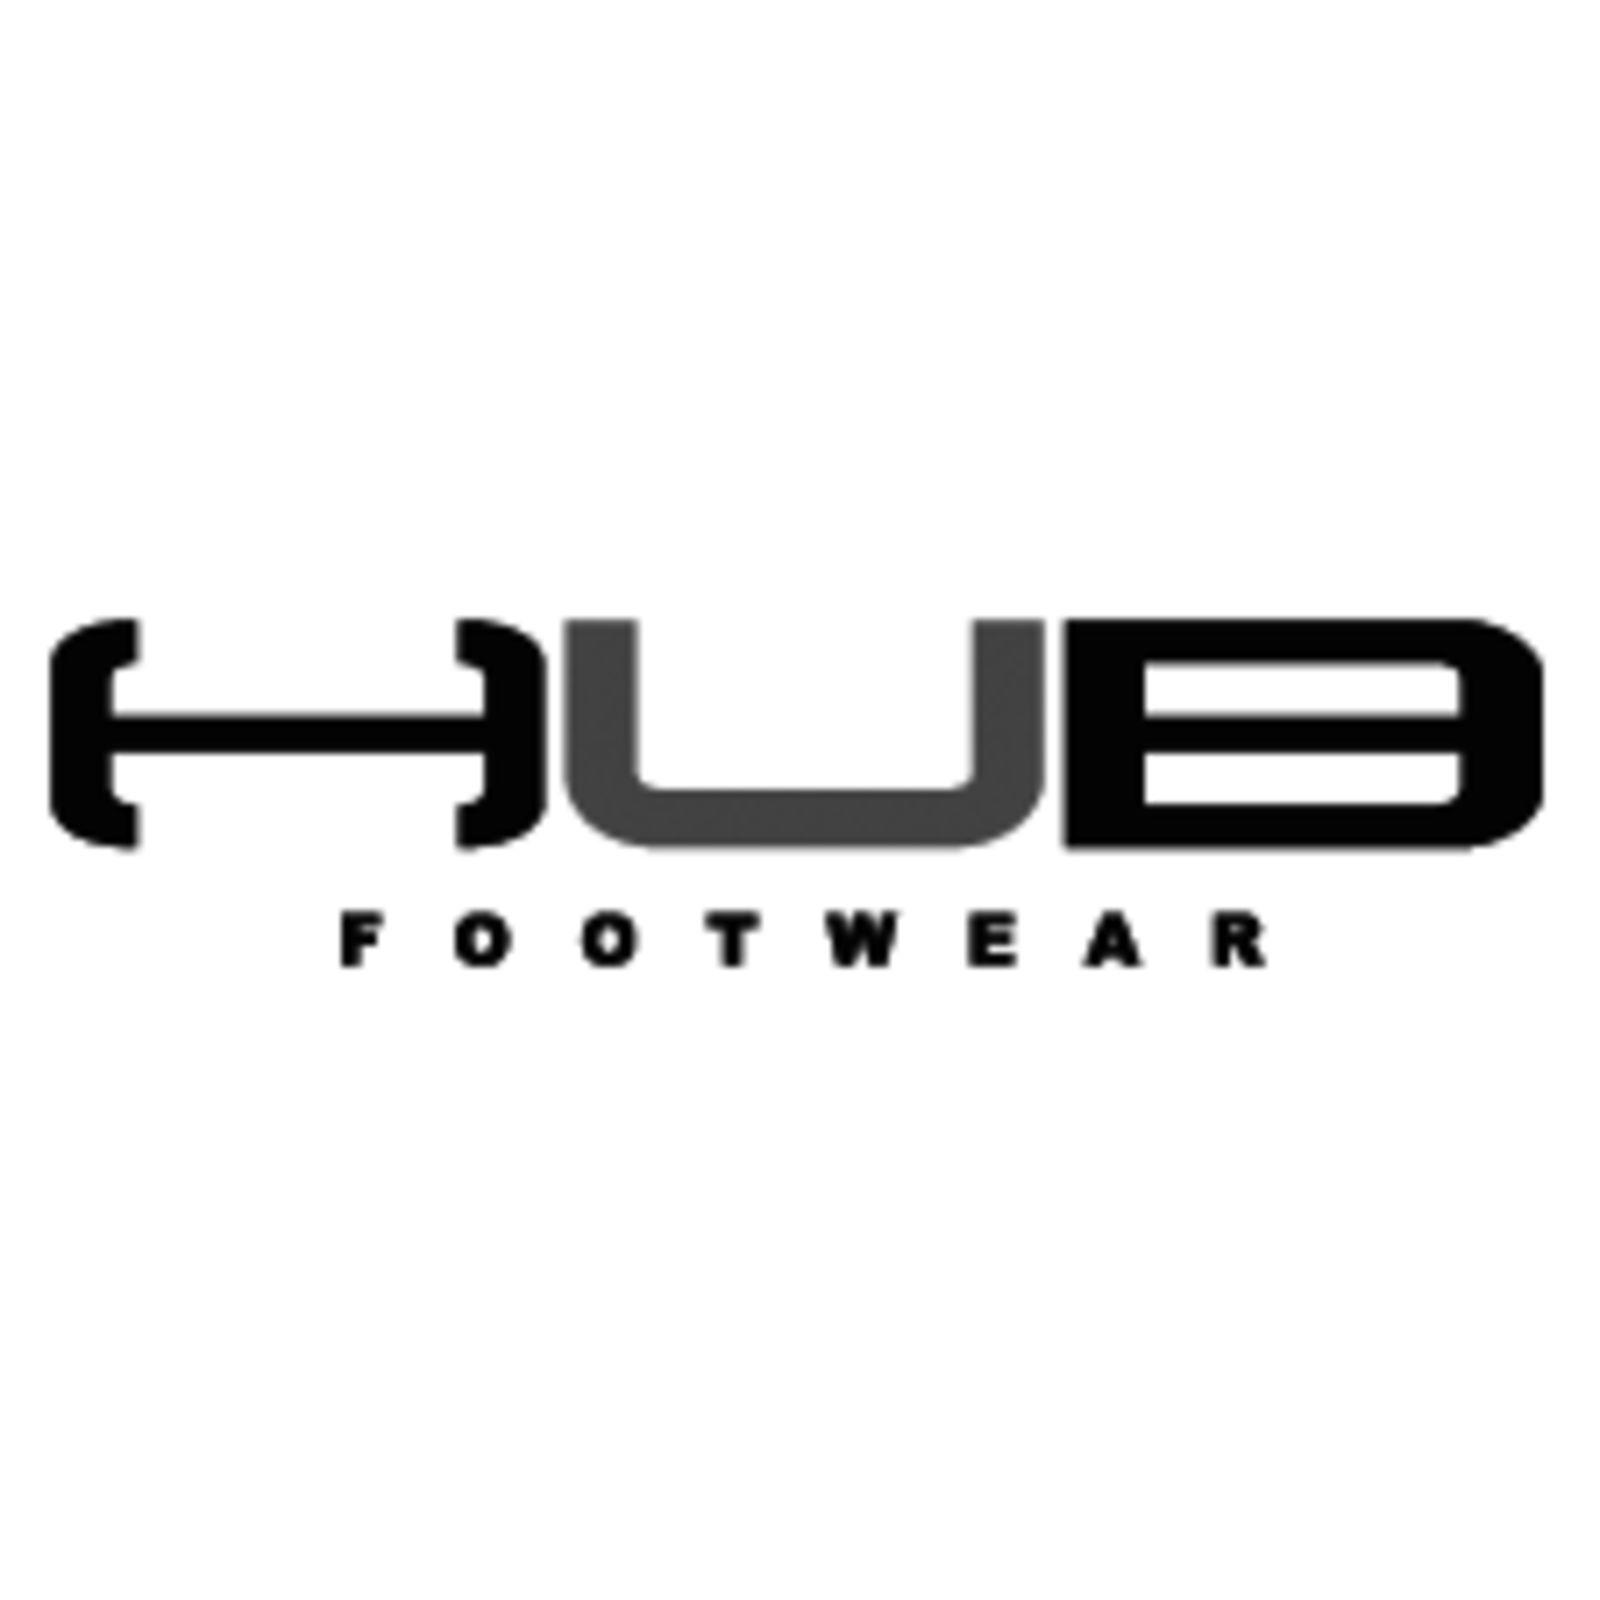 HUB Footwear (Image 1)